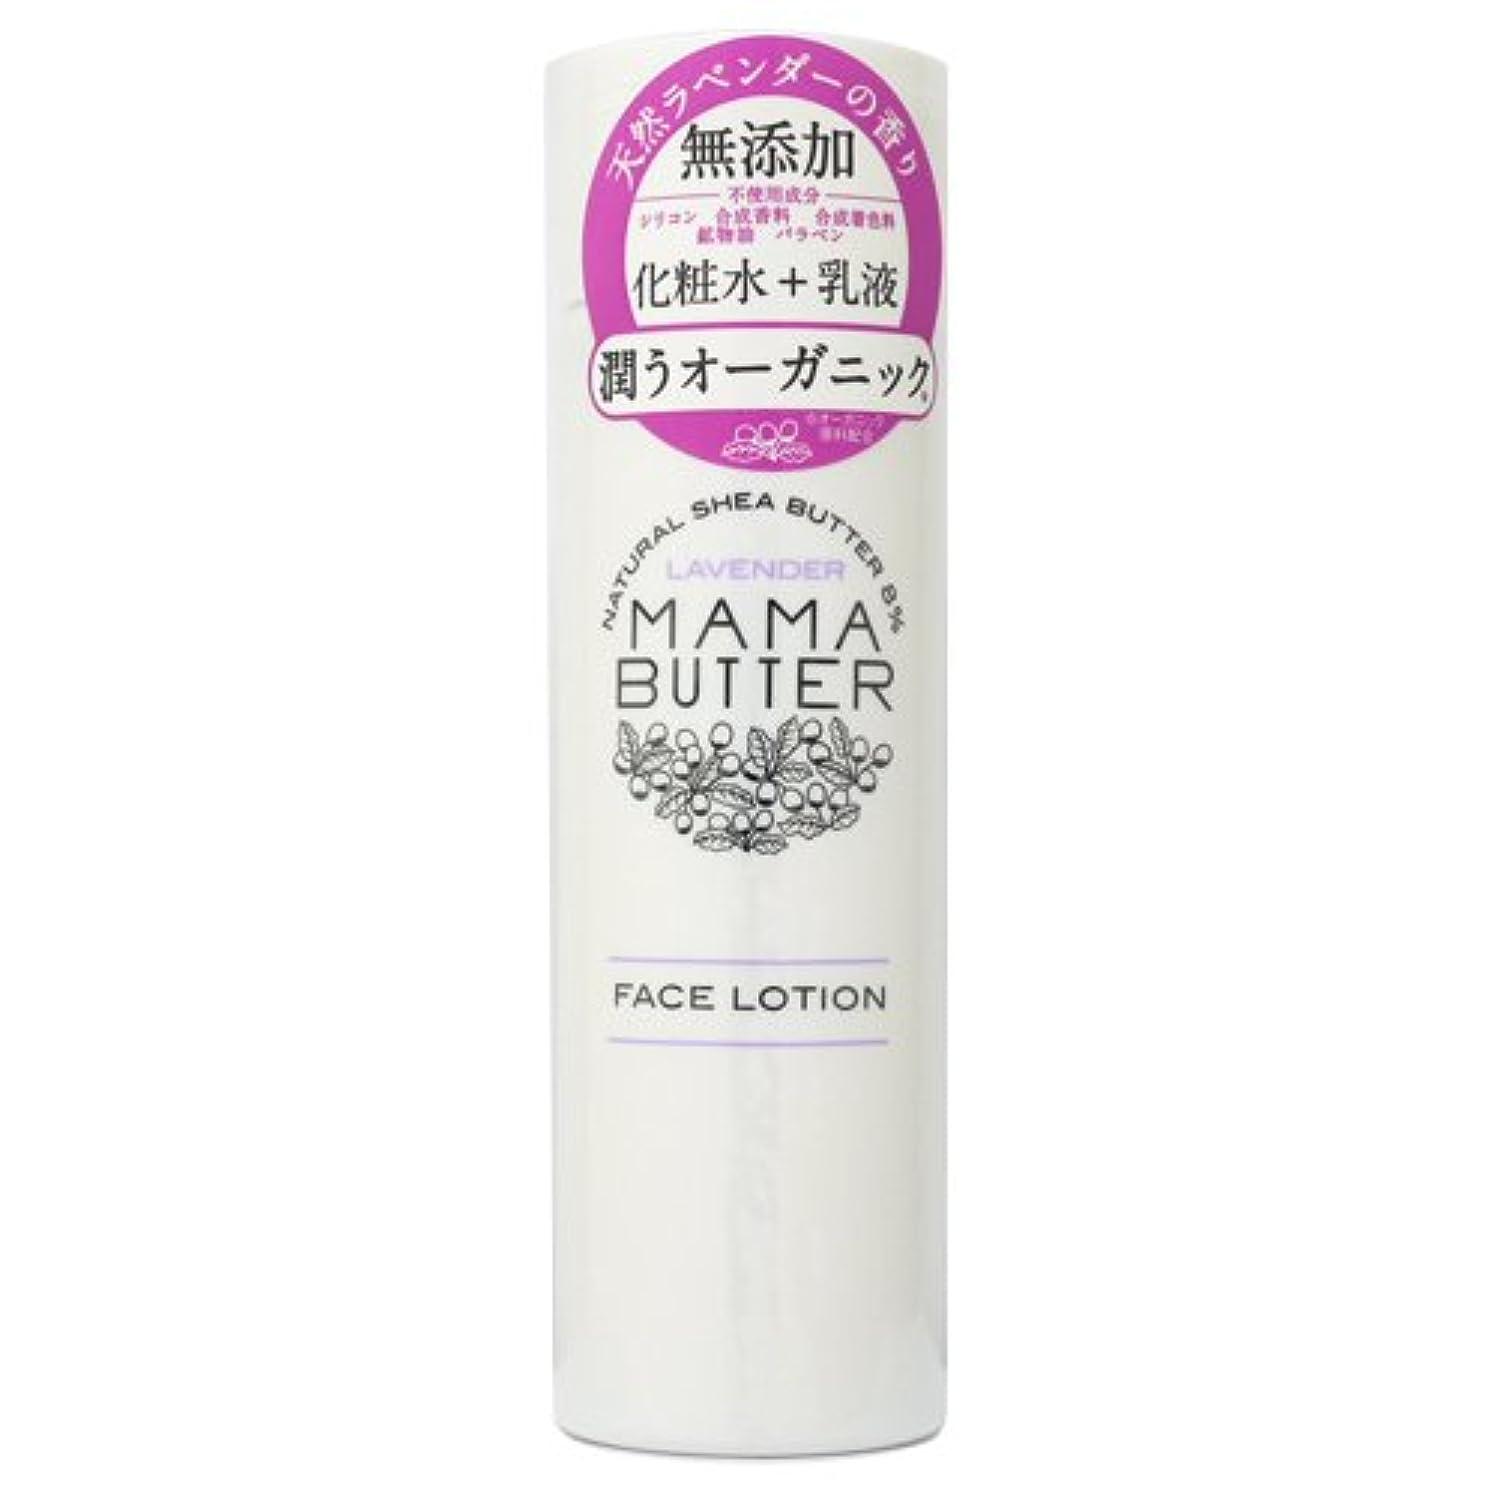 大人カラス面白いママバター フェイスローション 200mL